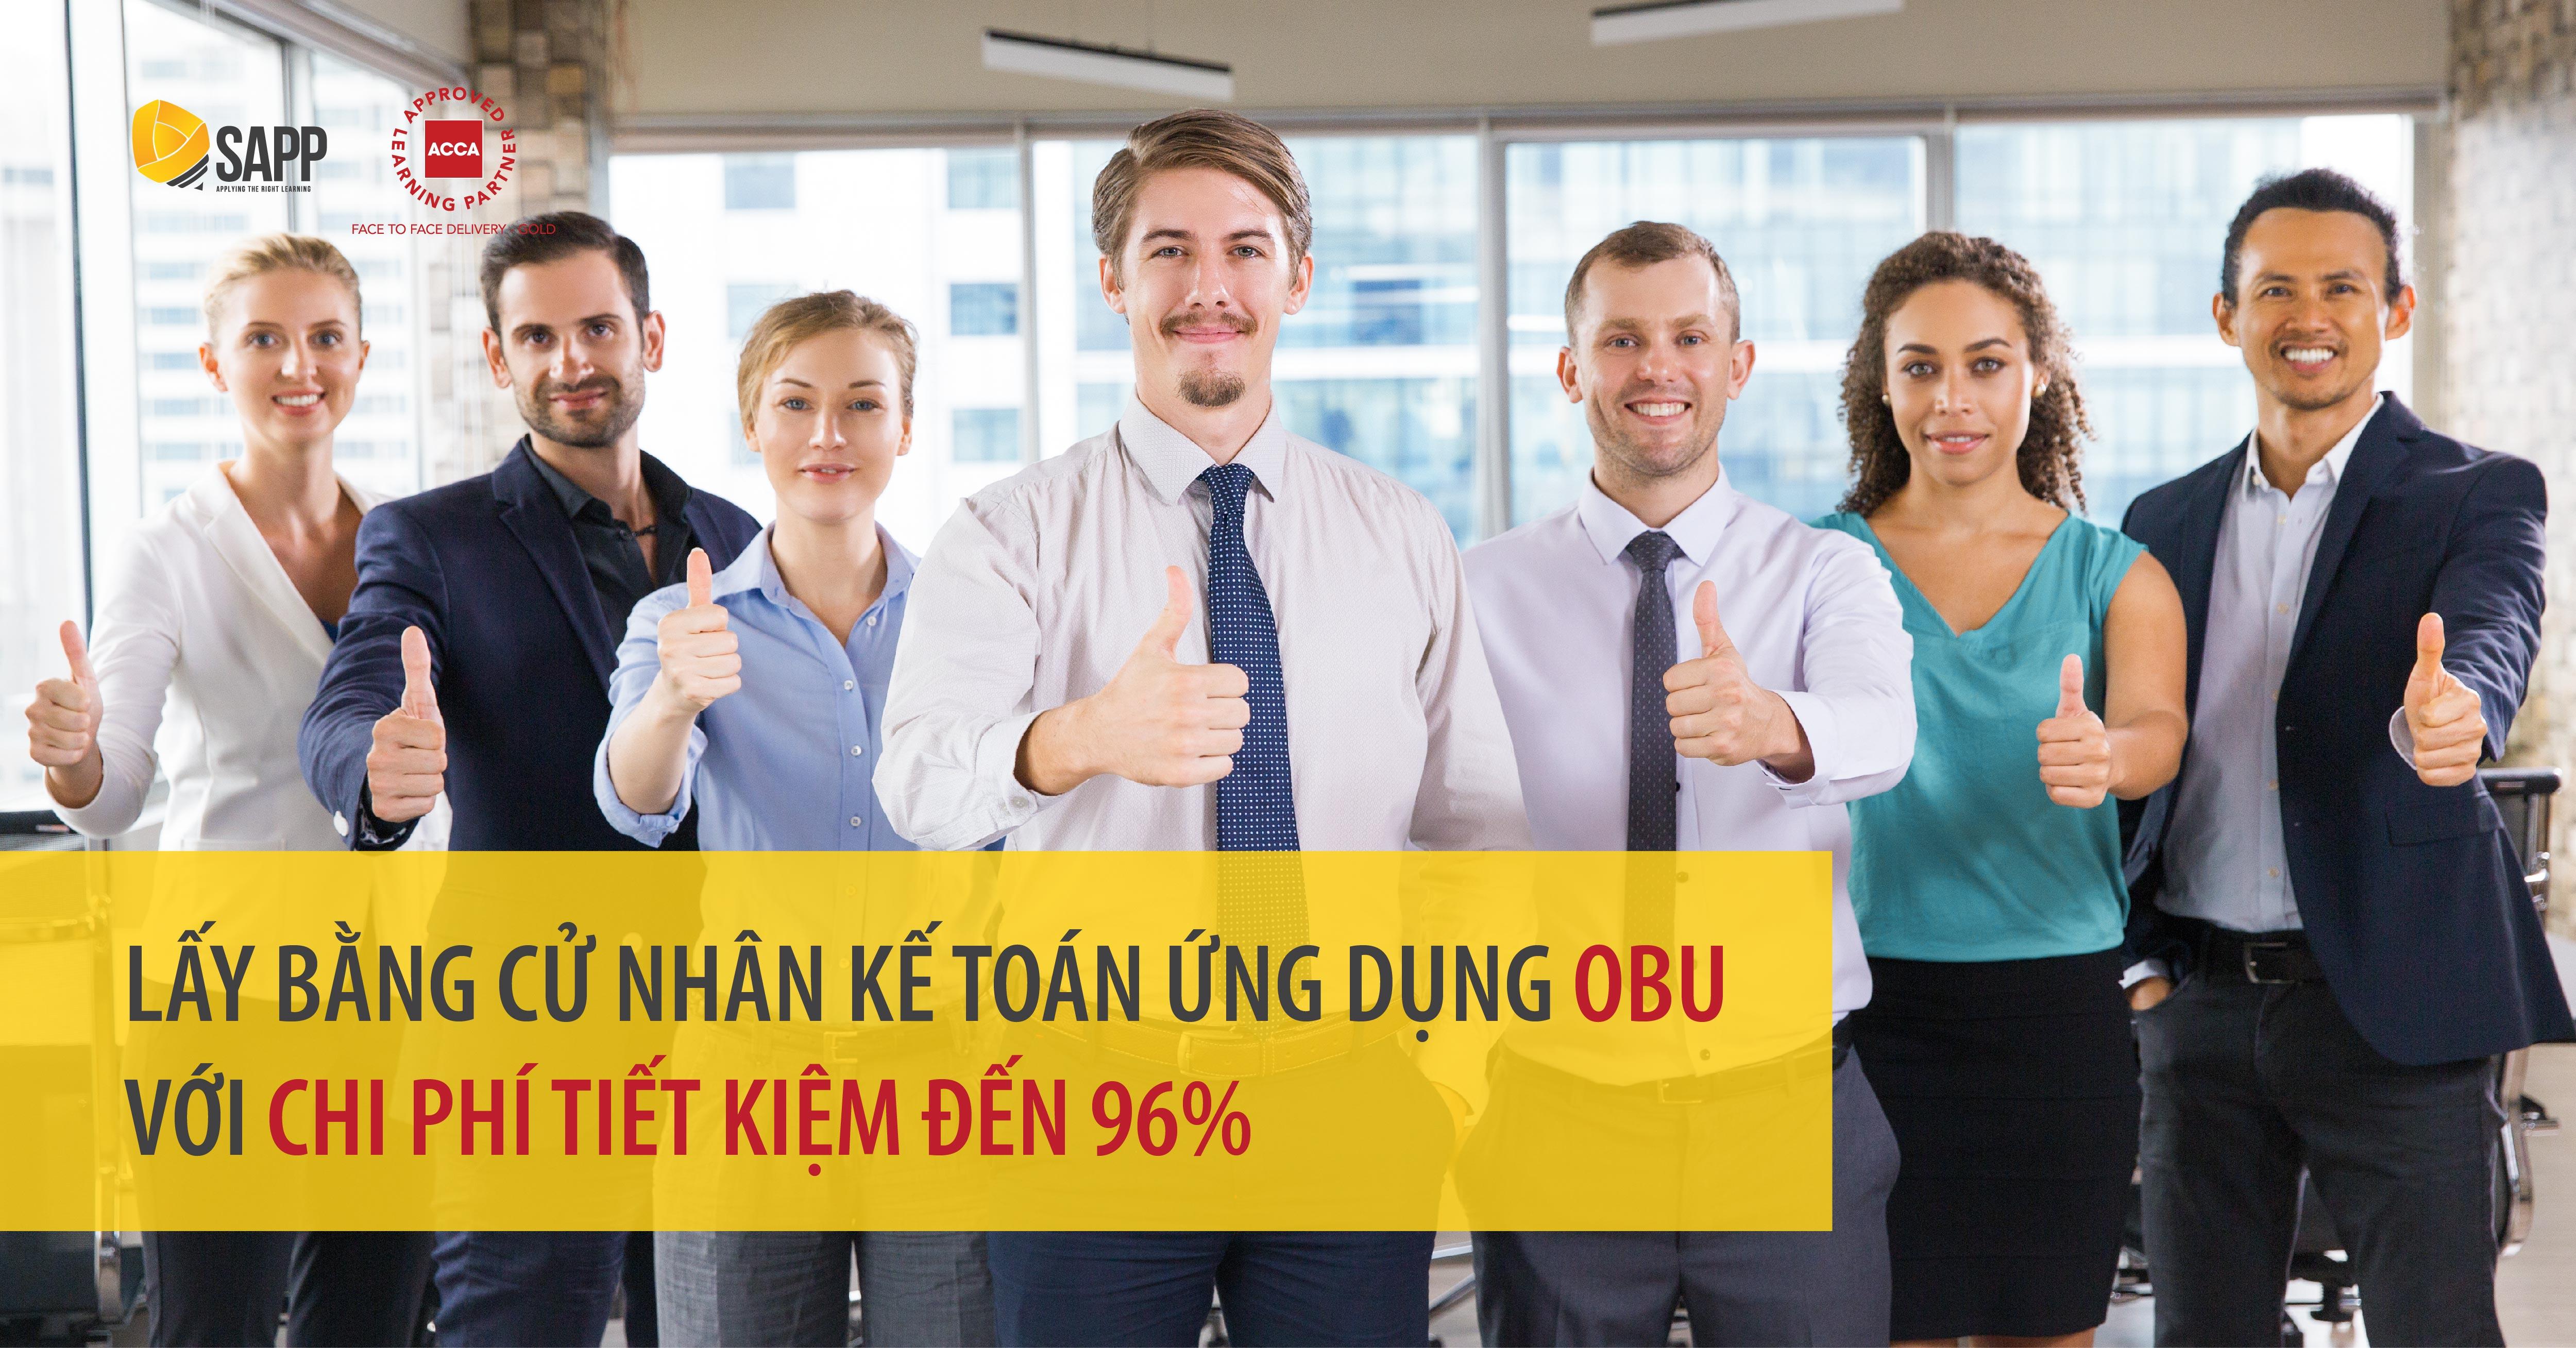 Lấy bằng Cử nhân Kế toán ứng dụng OBU tại Việt Nam với chi phí tiết kiệm đến 96%